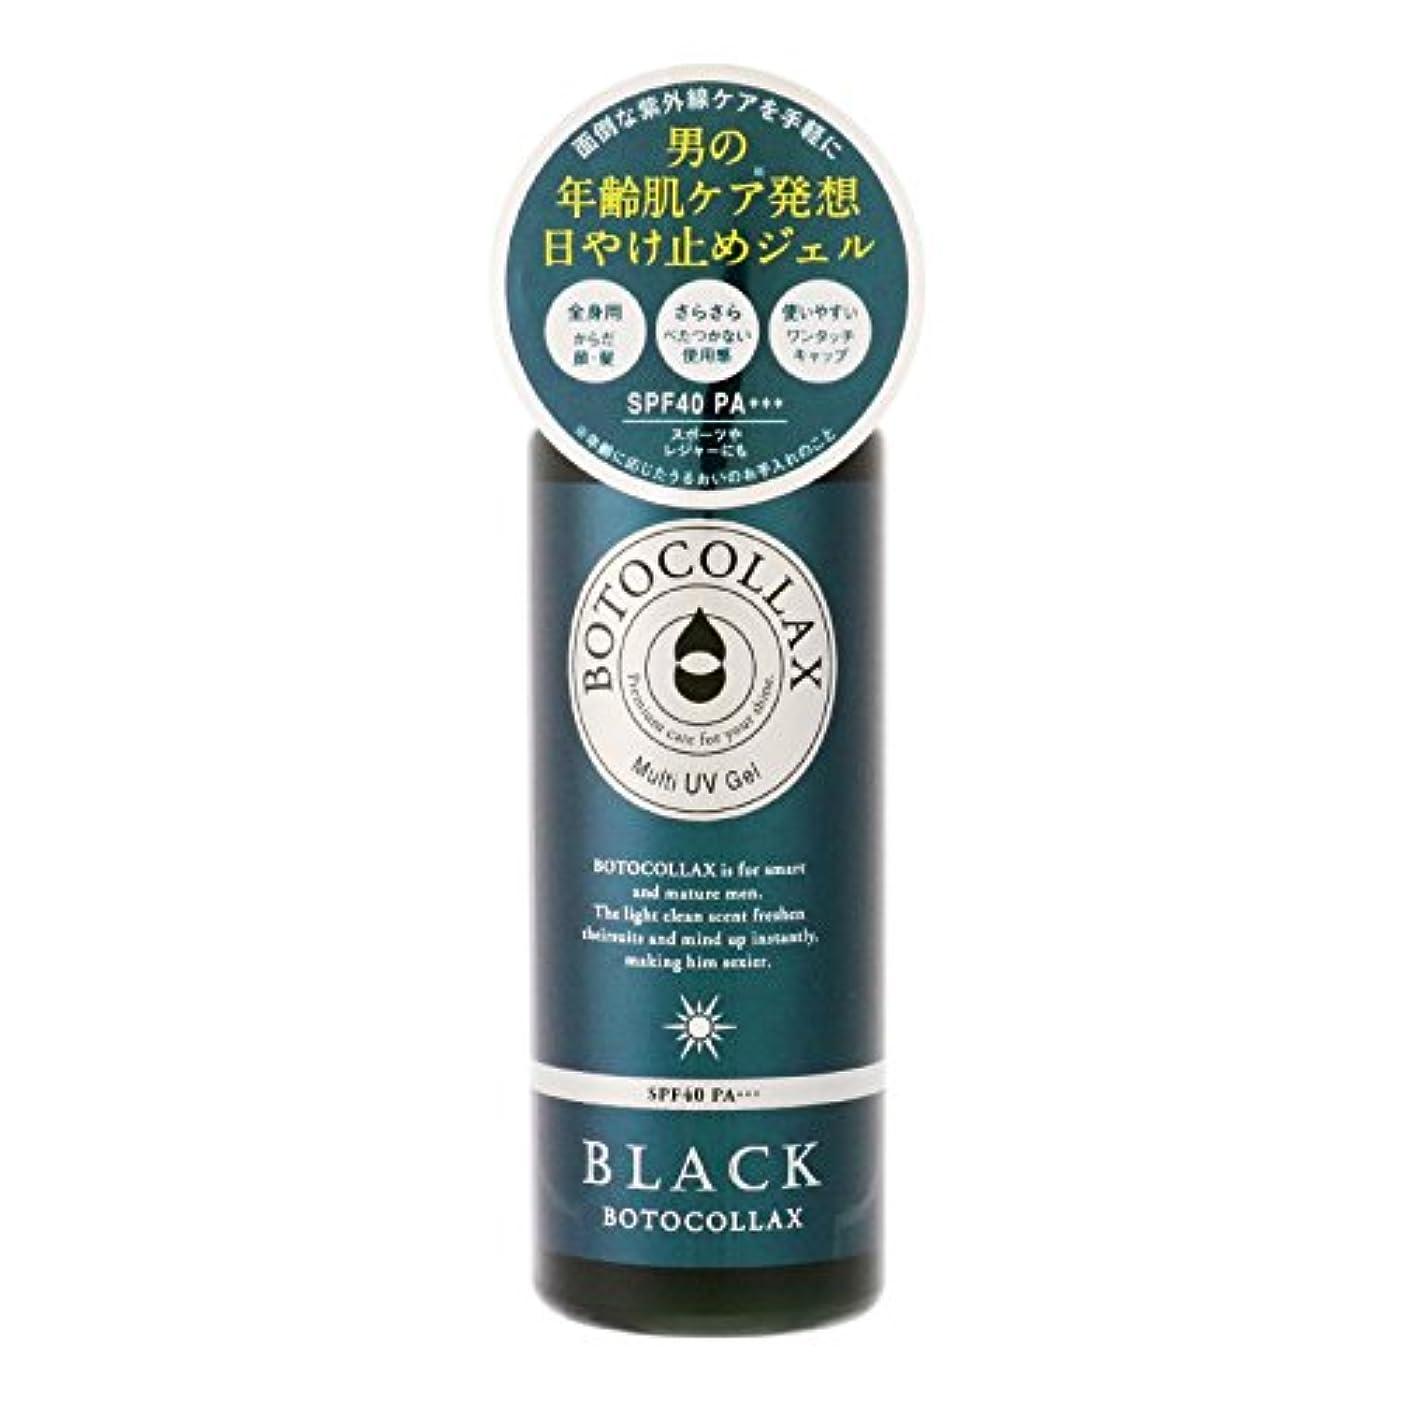 アクセサリークリーナーあいまいボトコラックスブラック オーシャン マルチUVジェル ベルガモットグリーンの香り 70g